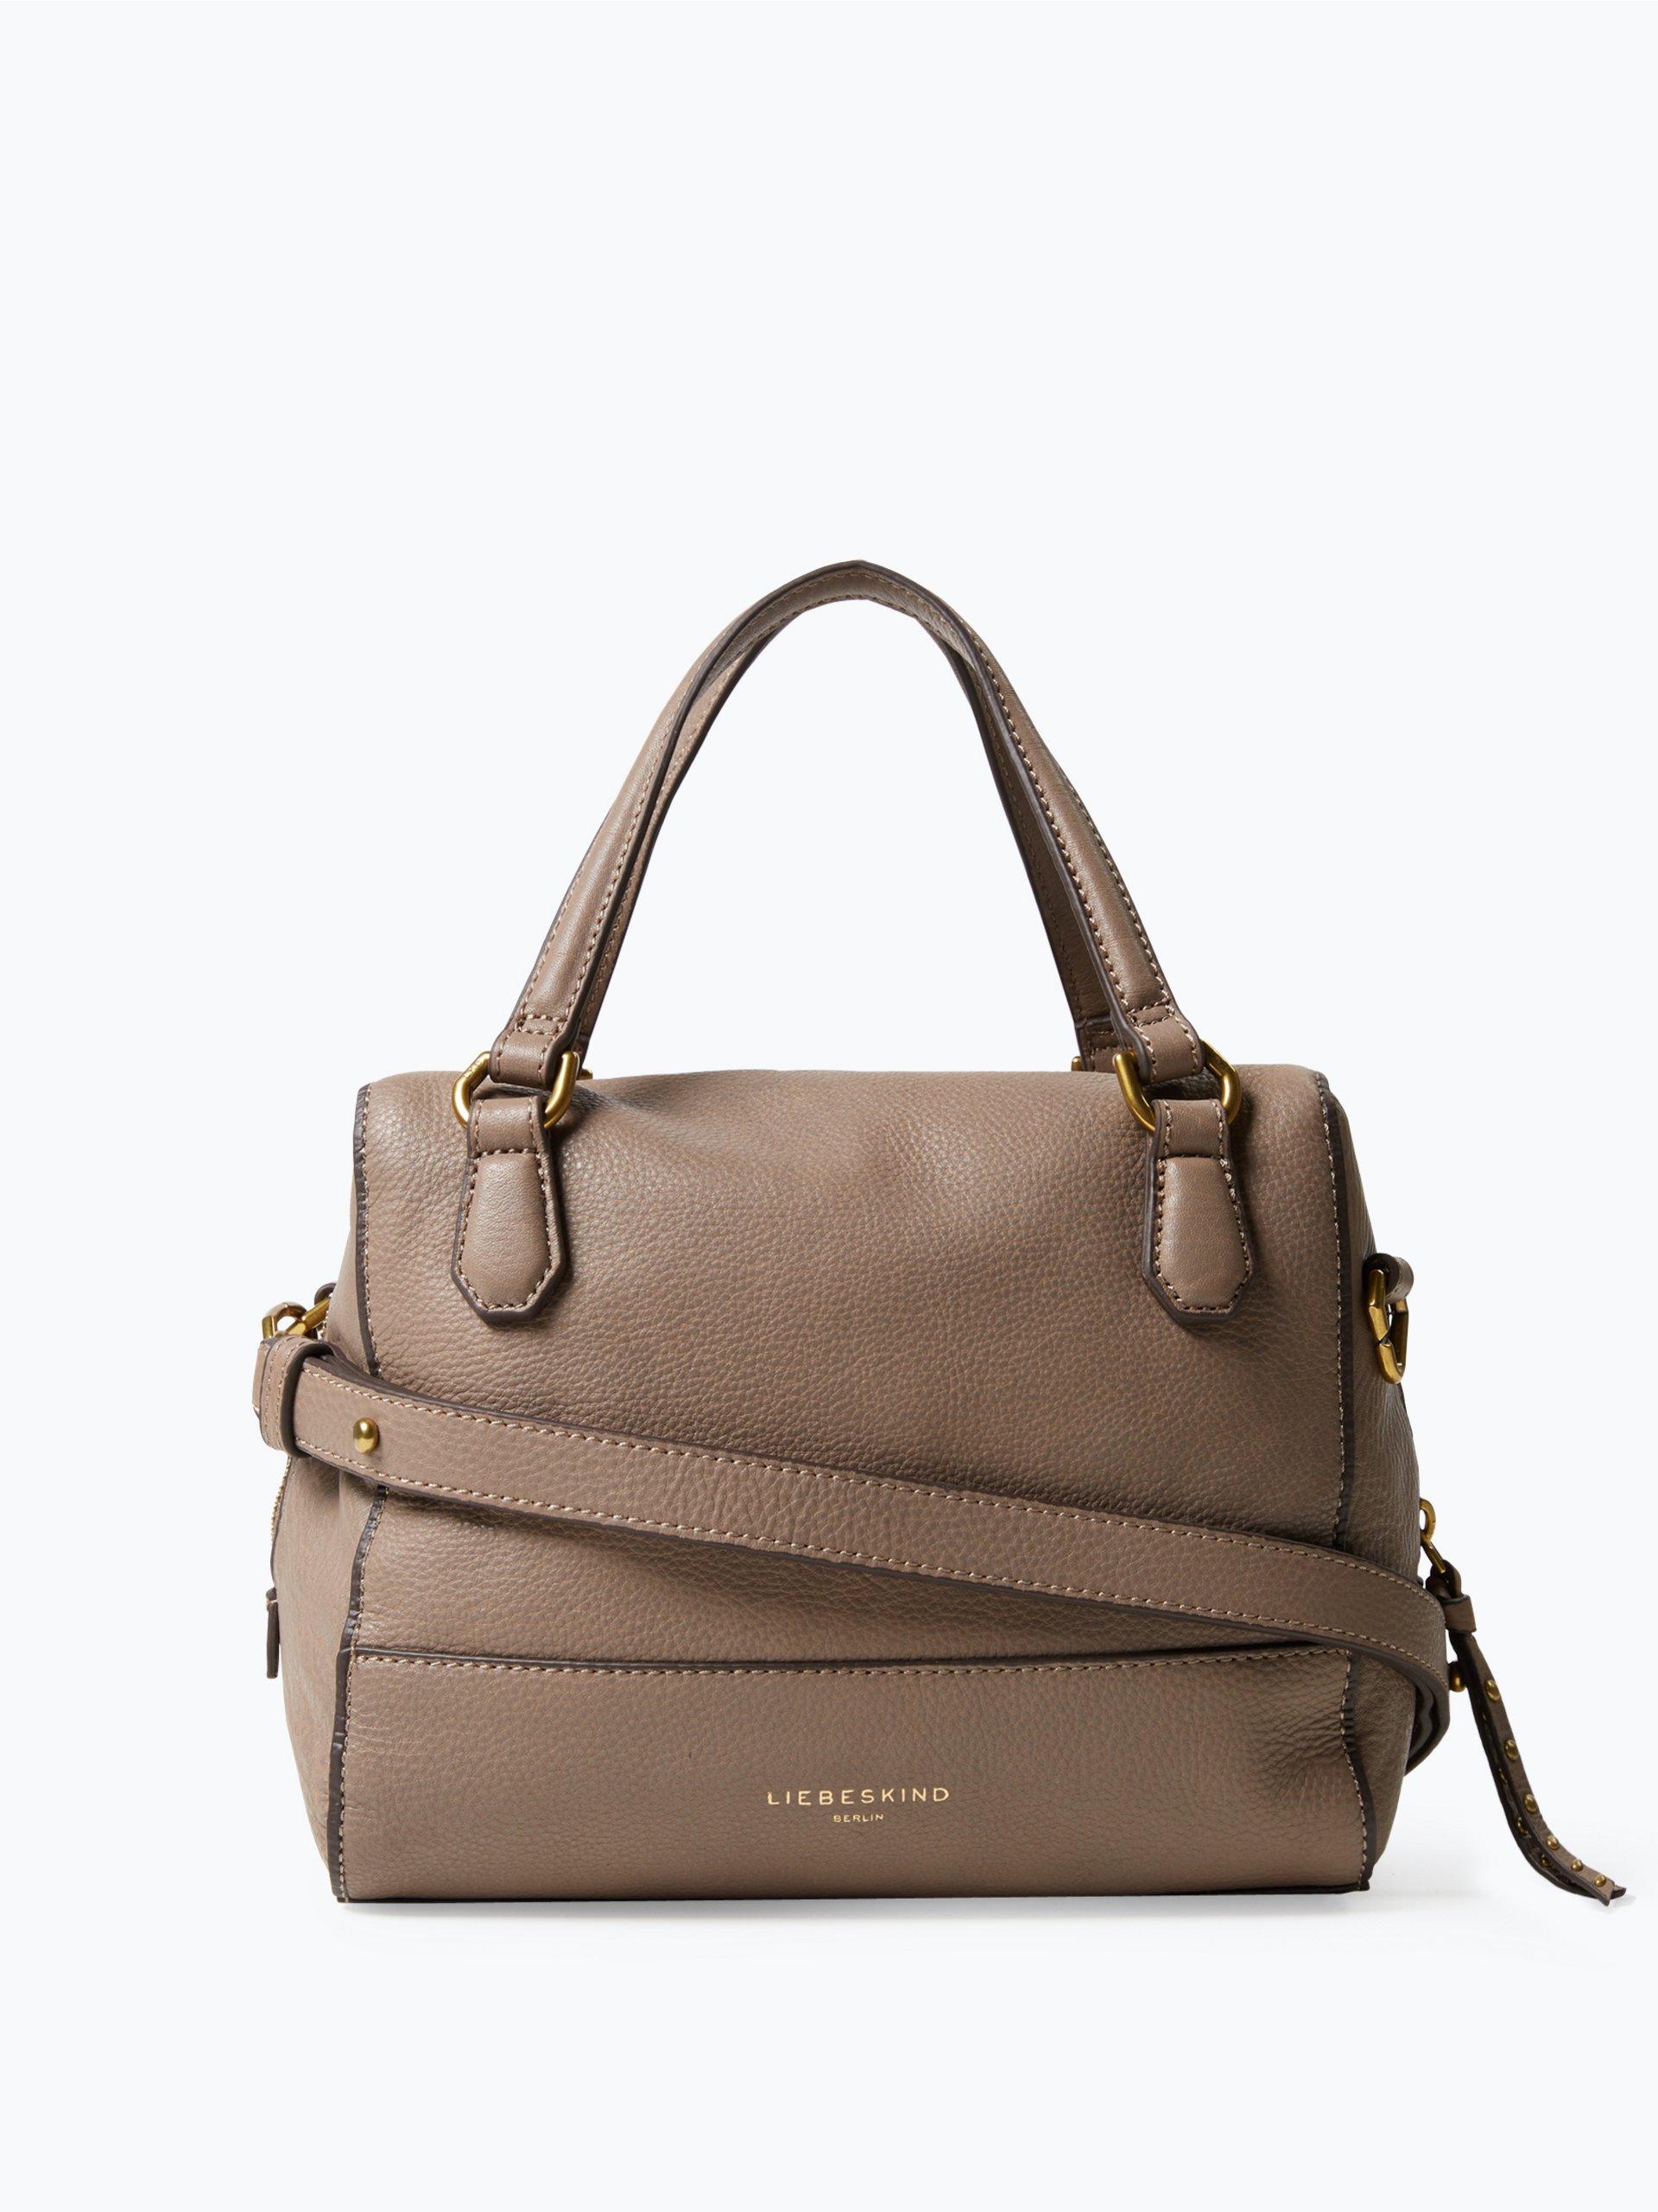 liebeskind damen handtasche aus leder detroit taupe uni online kaufen peek und cloppenburg de. Black Bedroom Furniture Sets. Home Design Ideas